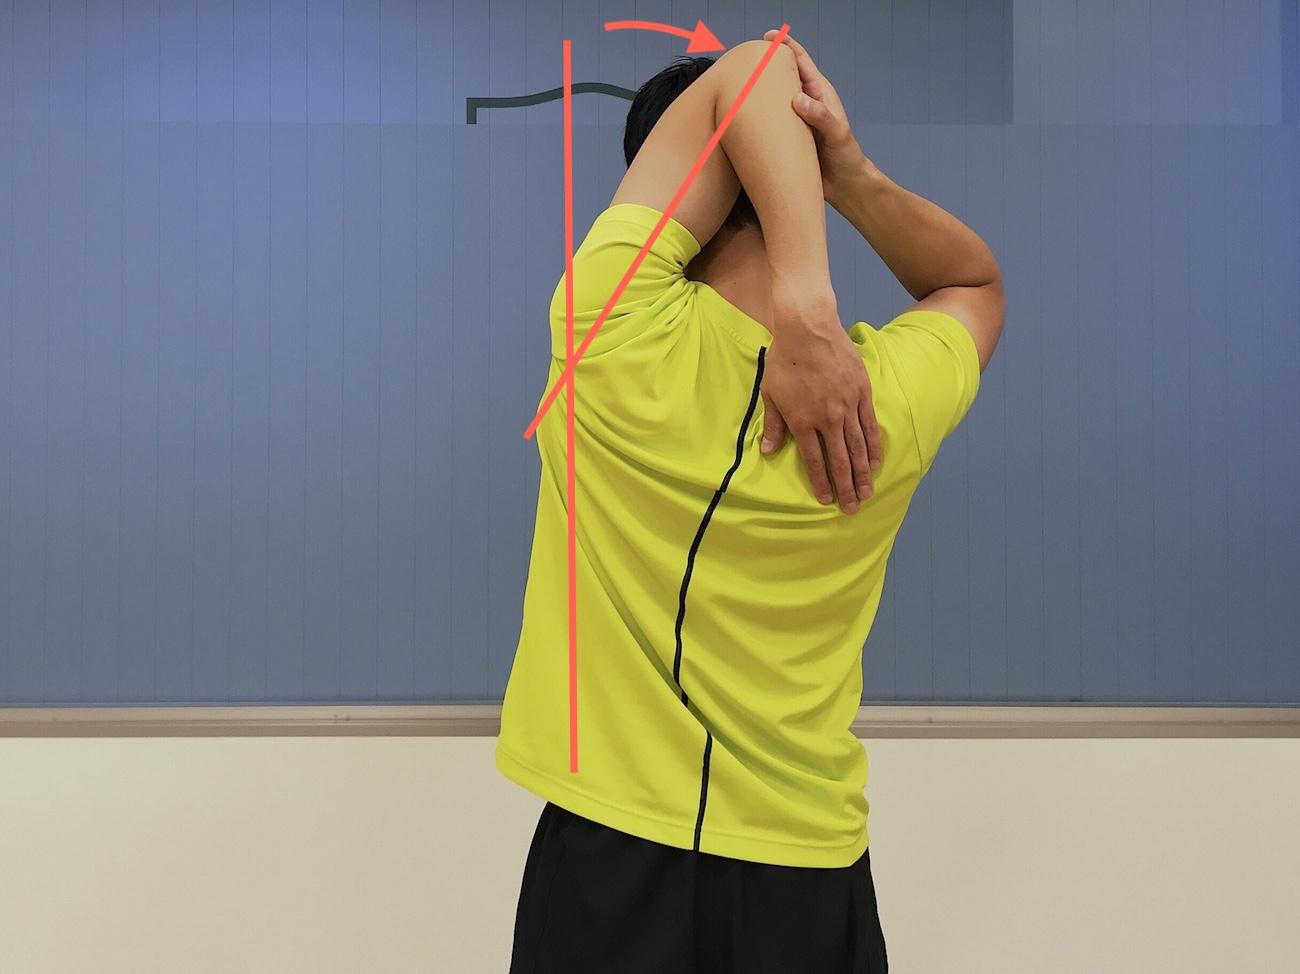 二の腕の筋肉(上腕三頭筋)のストレッチの方法